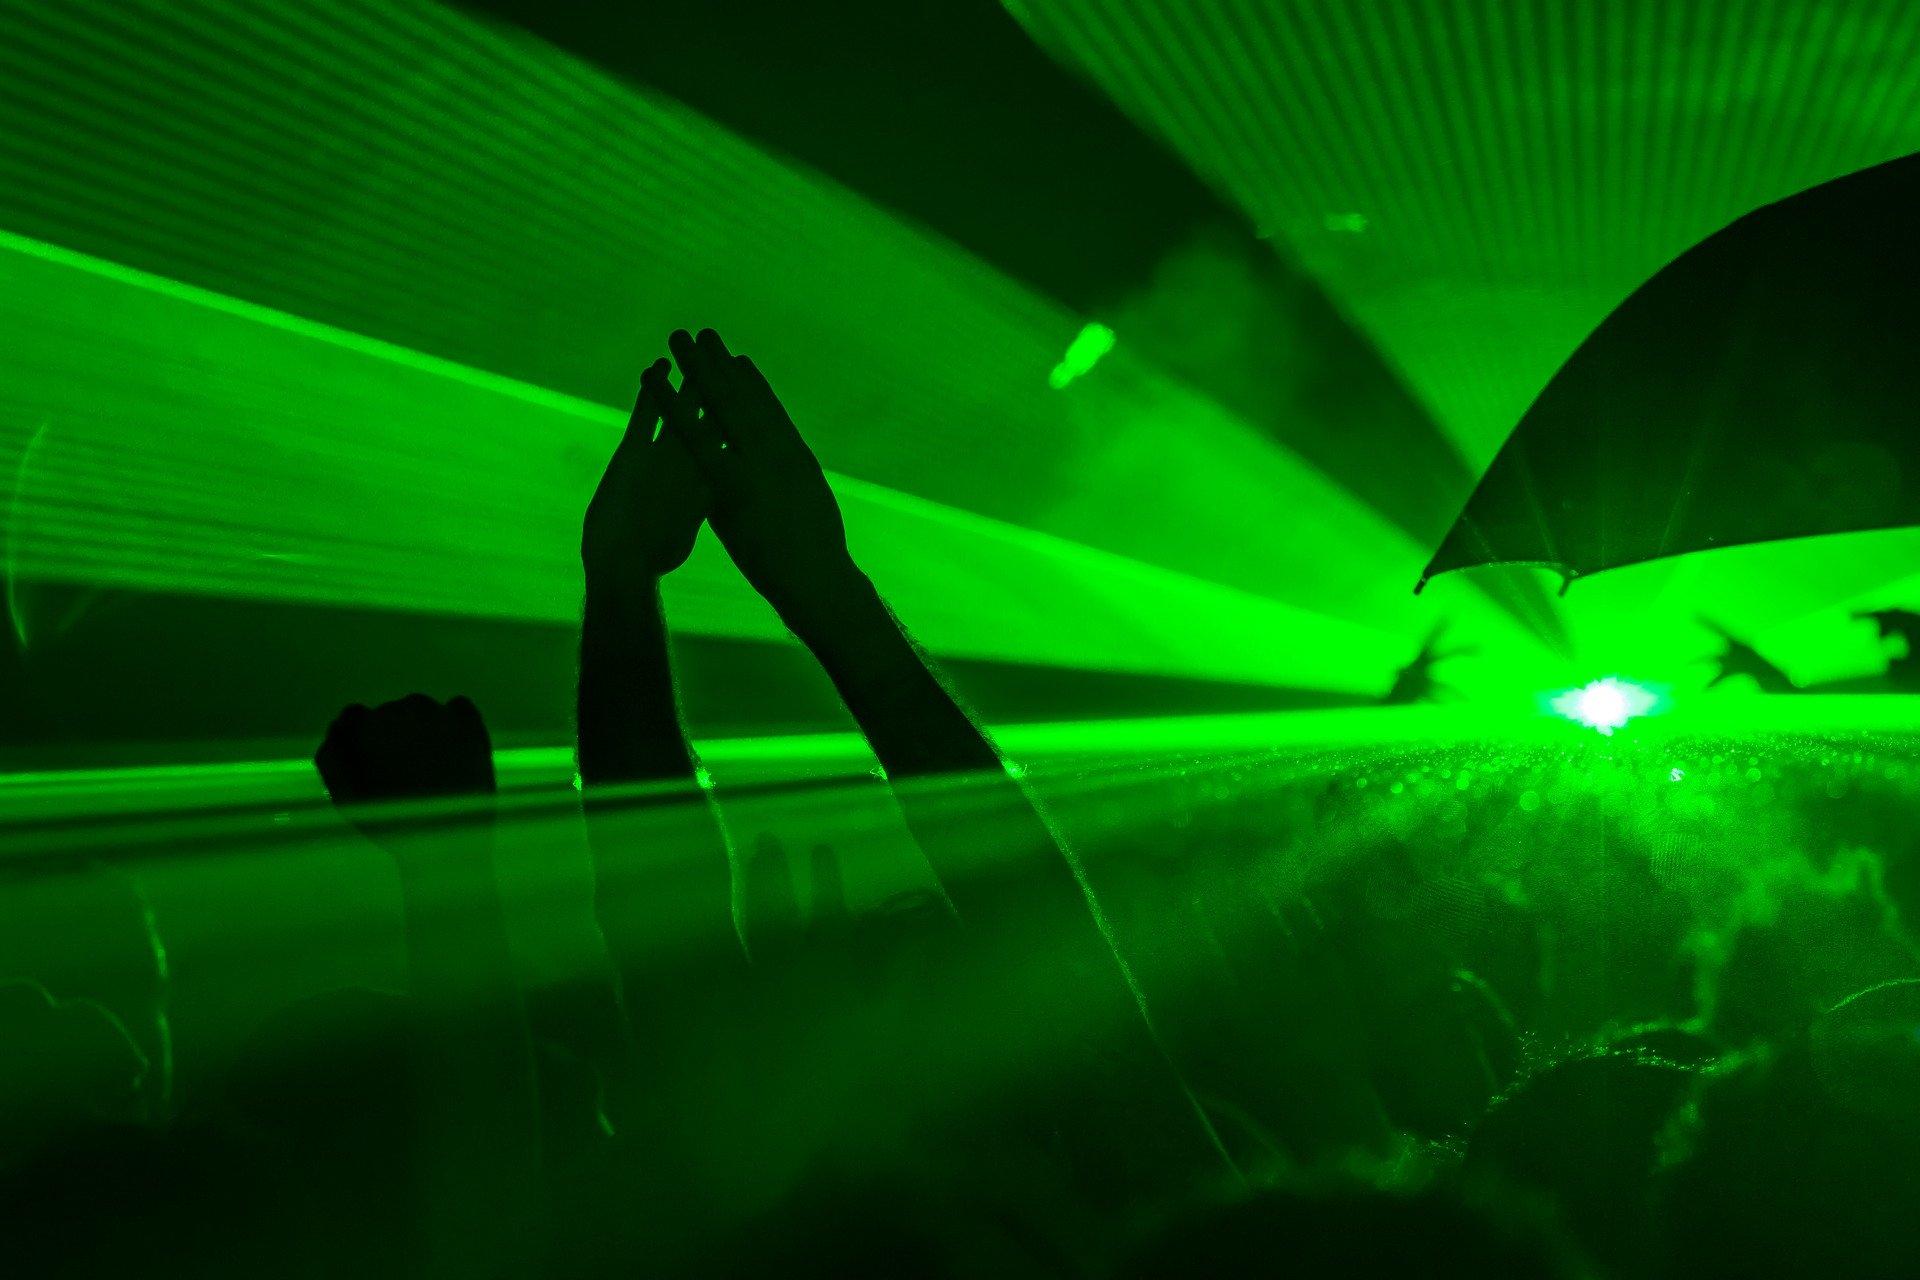 Occhiali protettivi per lavorare il laser: quando la salute non ha prezzo